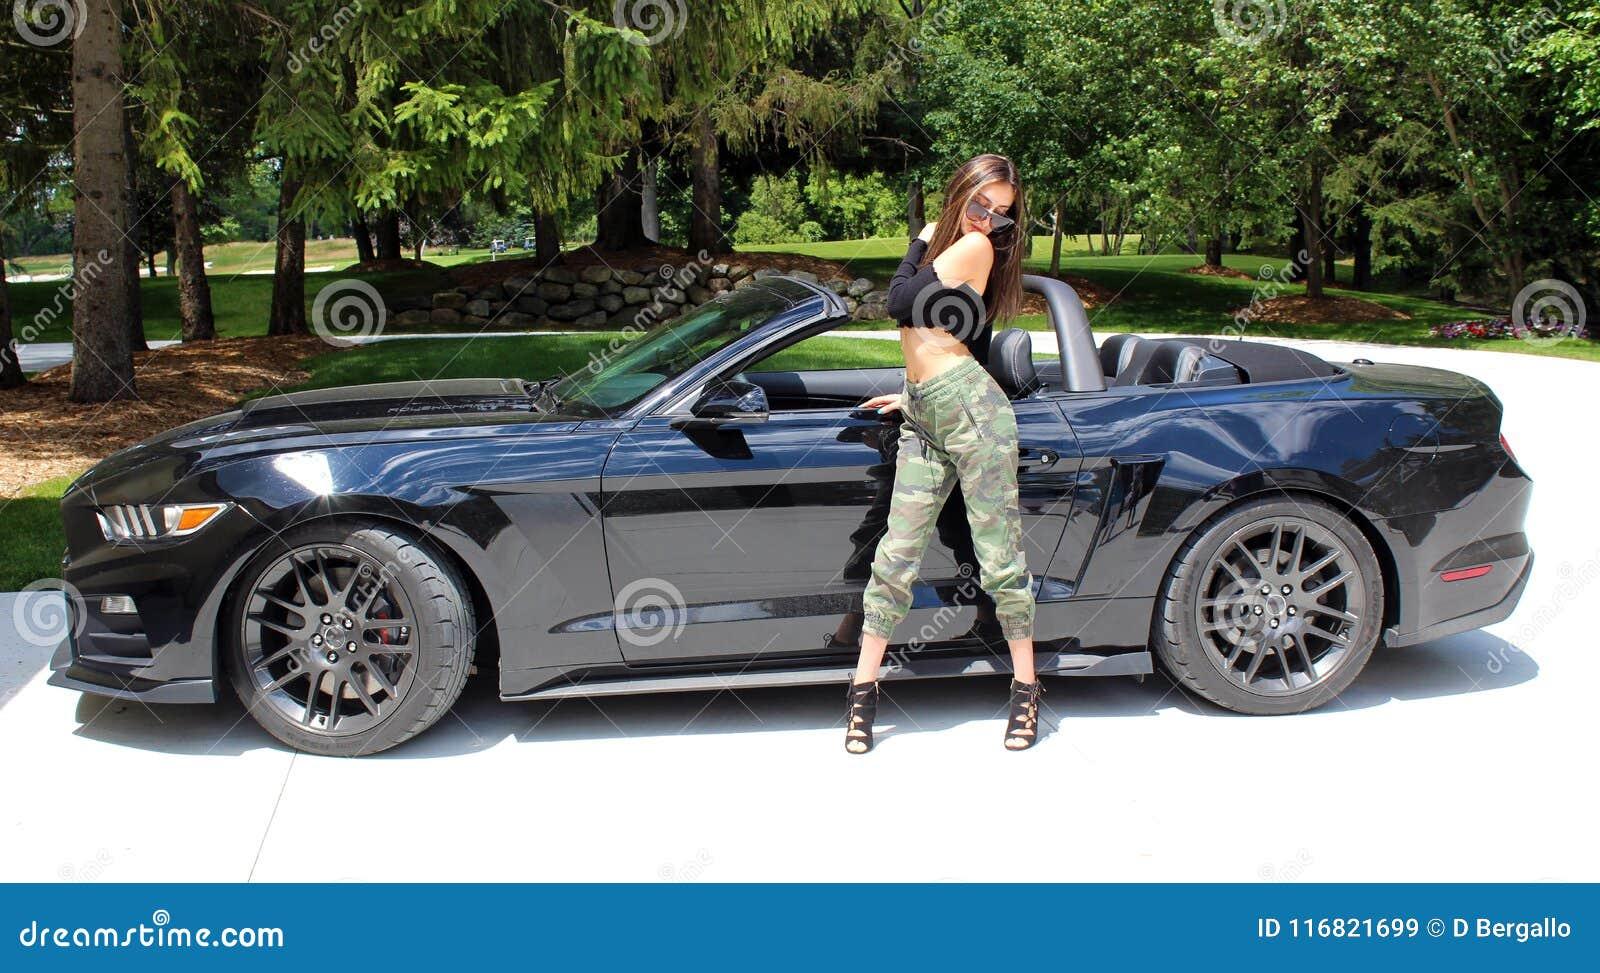 Voiture De Sport >> Modele Sexy Dans Fille De Voiture De Sport La Belle Avec Une